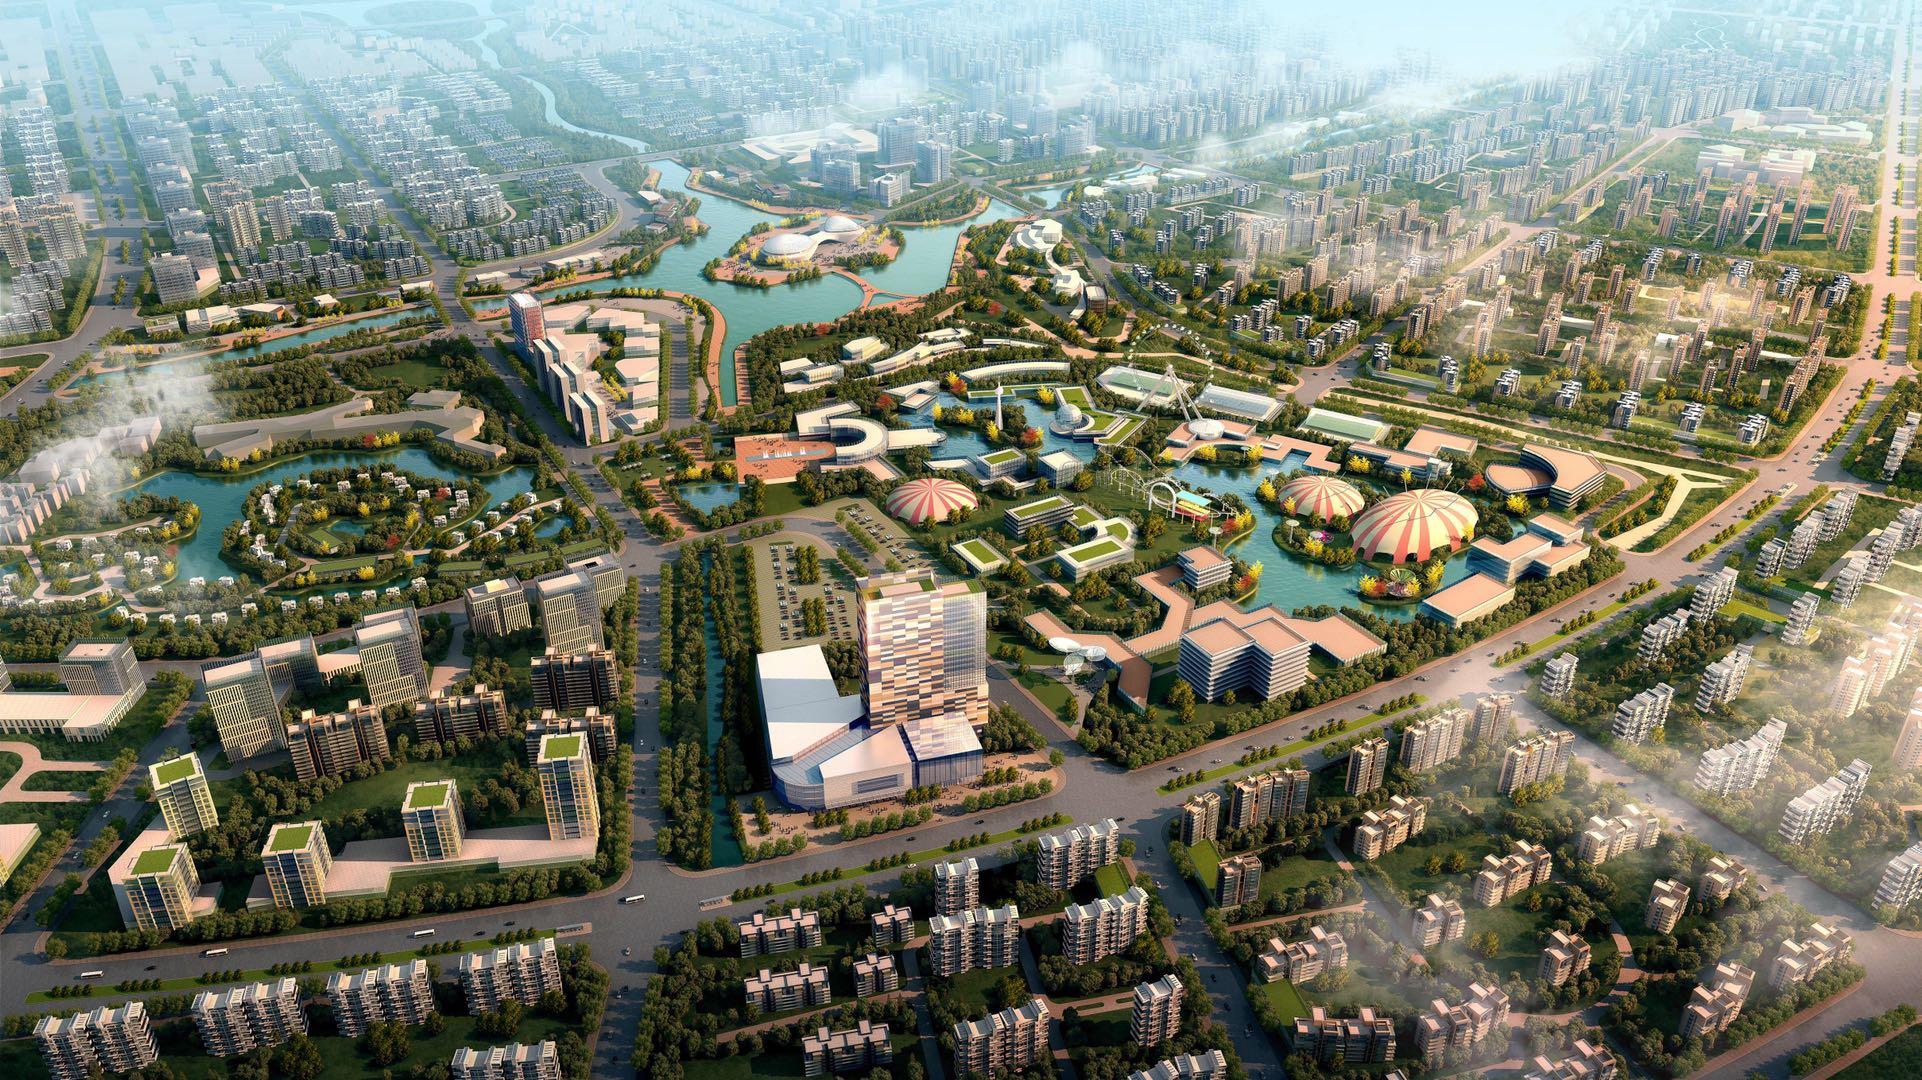 世界活力城市新样本   京津合作示范区渐露真容-中国网地产